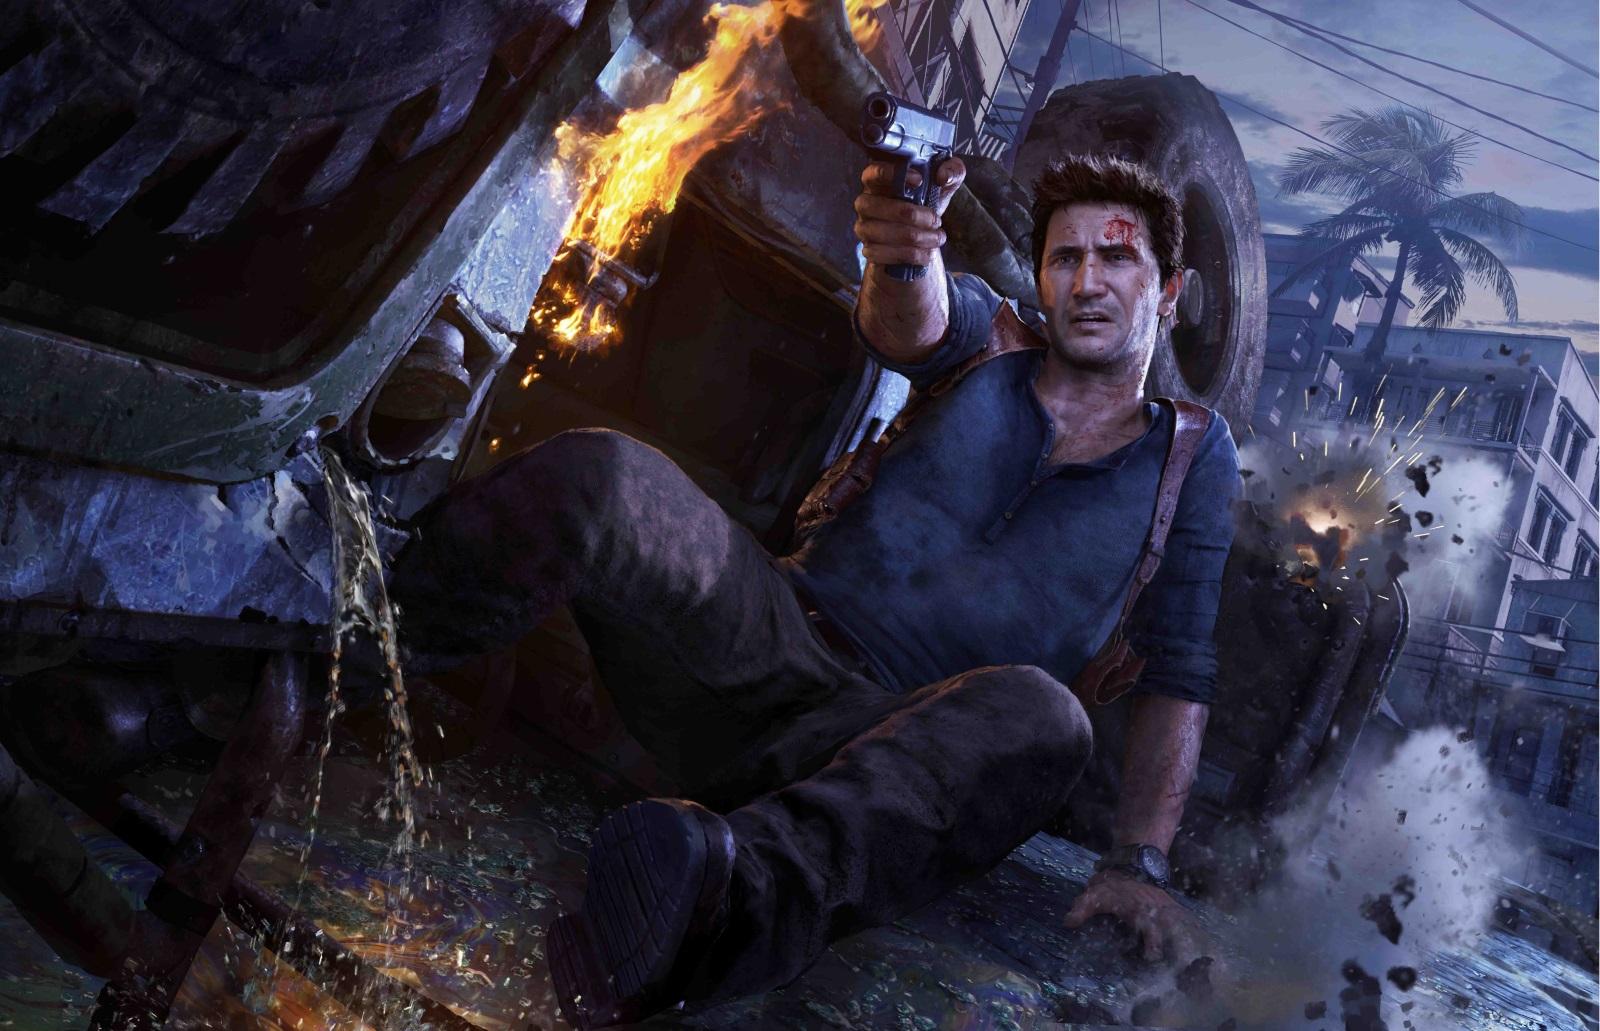 Uncharted, Sony, Travis Knight, Ruben Fleischer, Tom Holland